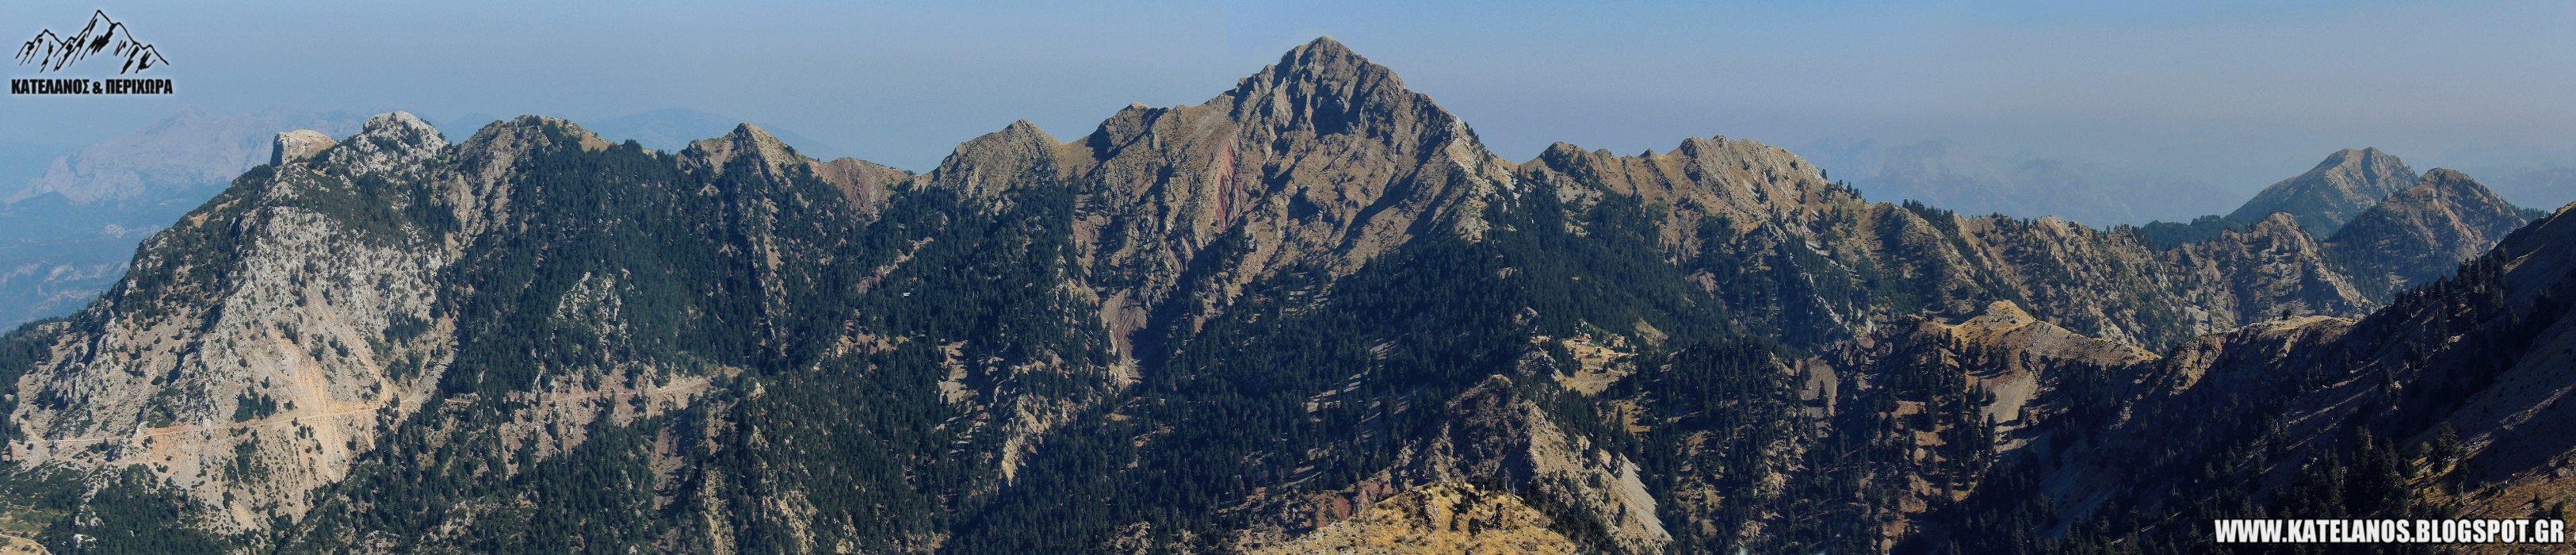 οροσειρα παναιτωλικο ορος κορυφες προφητης ηλιας κουτουπας